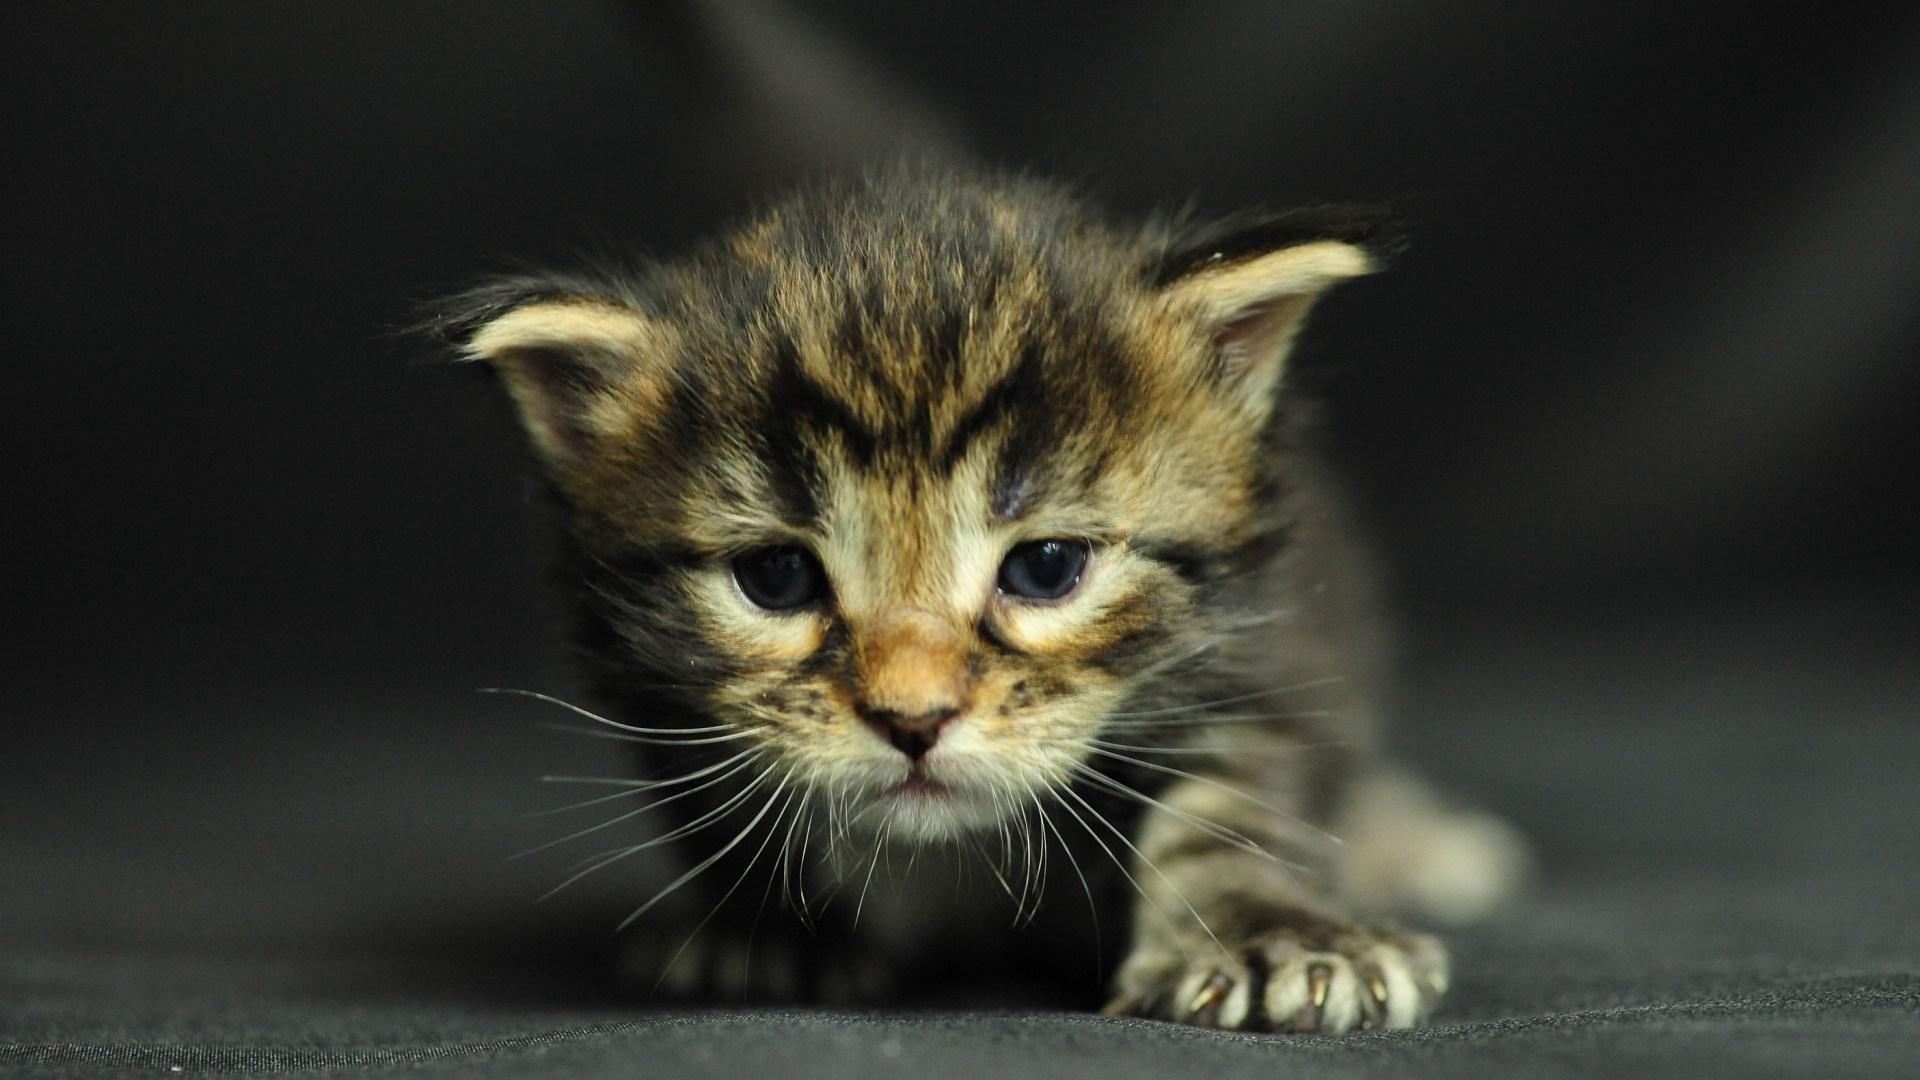 happy kittens #21